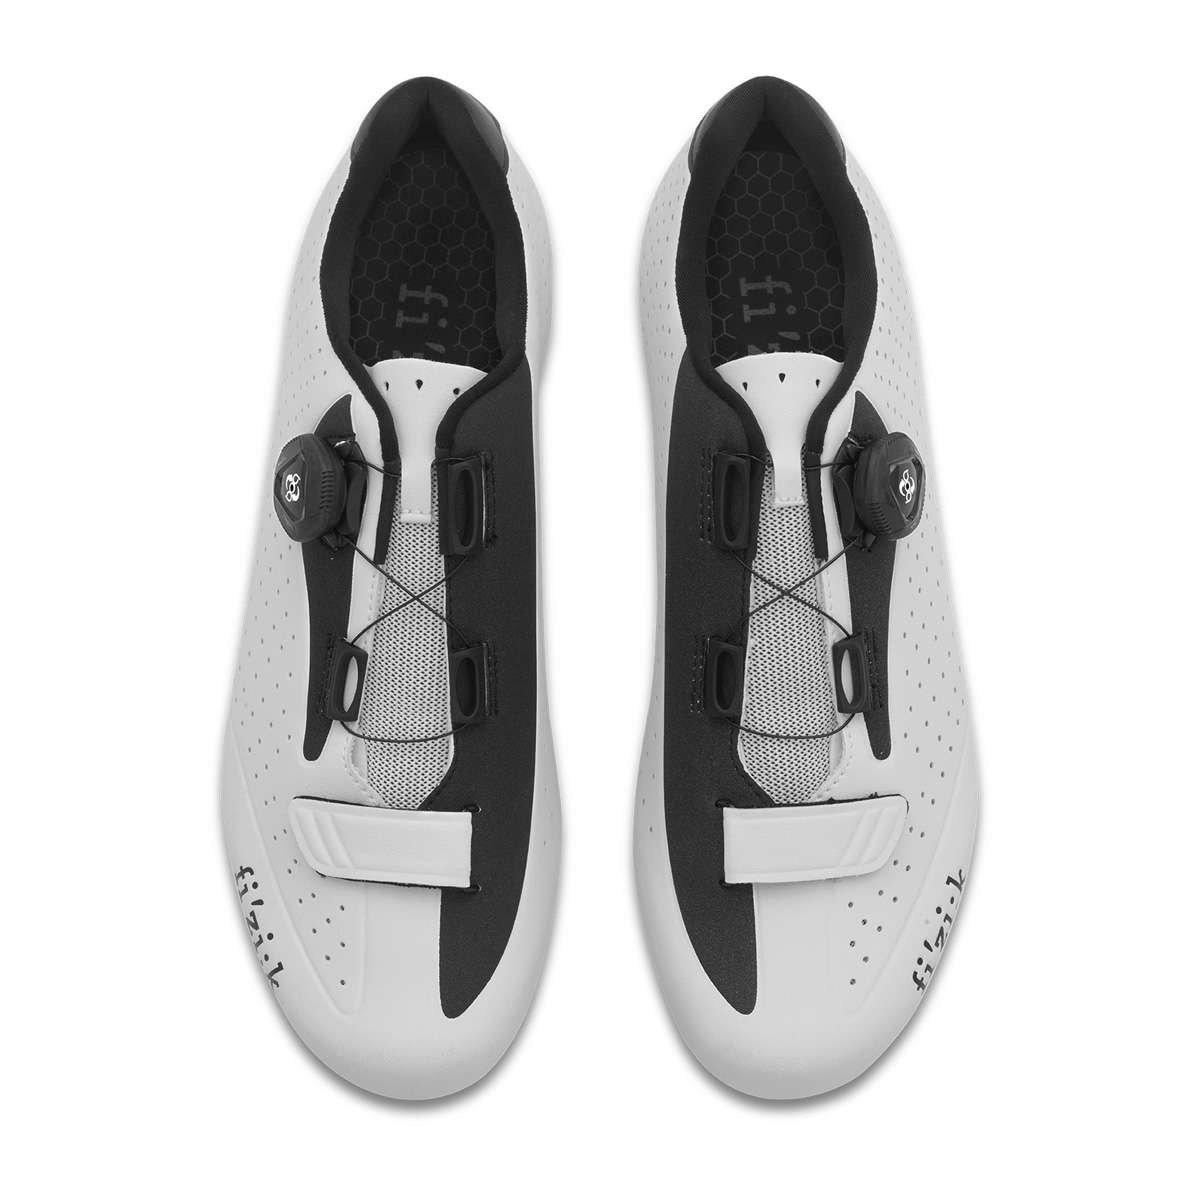 Fizik R5 Uomo BOA Road Cycling Shoes Fi'zi:k R5M-BC1291-16-405-Parent